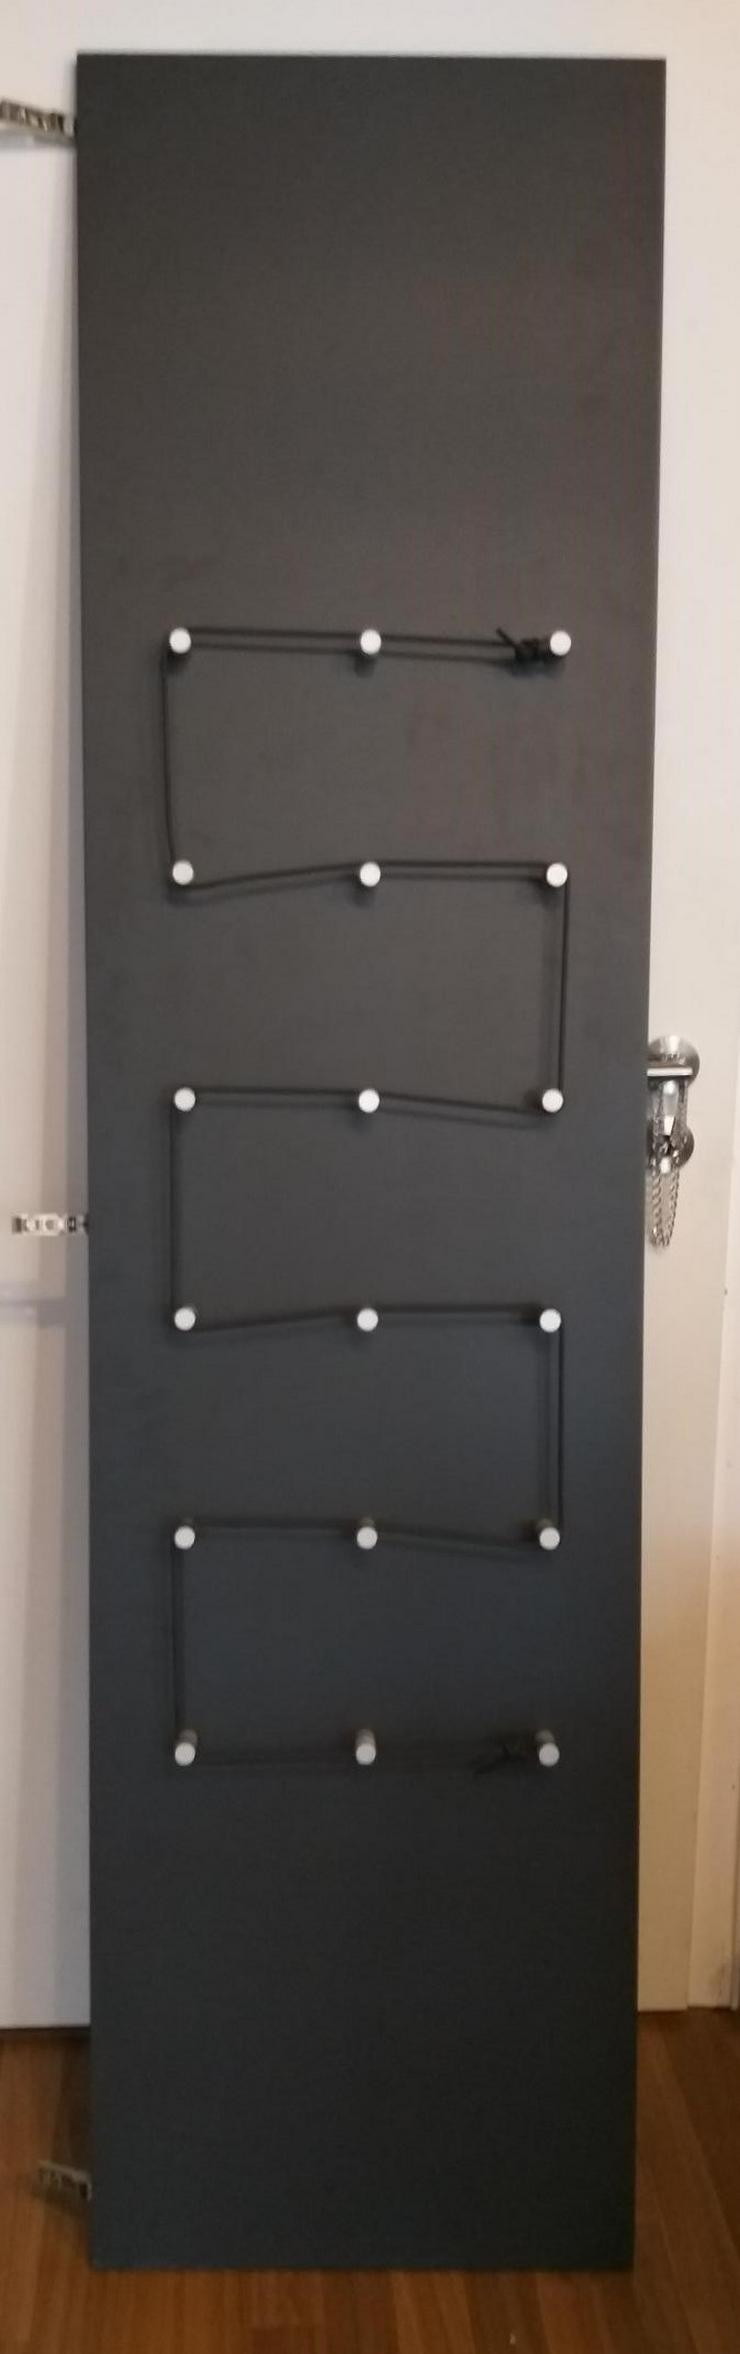 Bild 5: IKEA Pax Tür mit Haken und Scharniere (Stauraum)